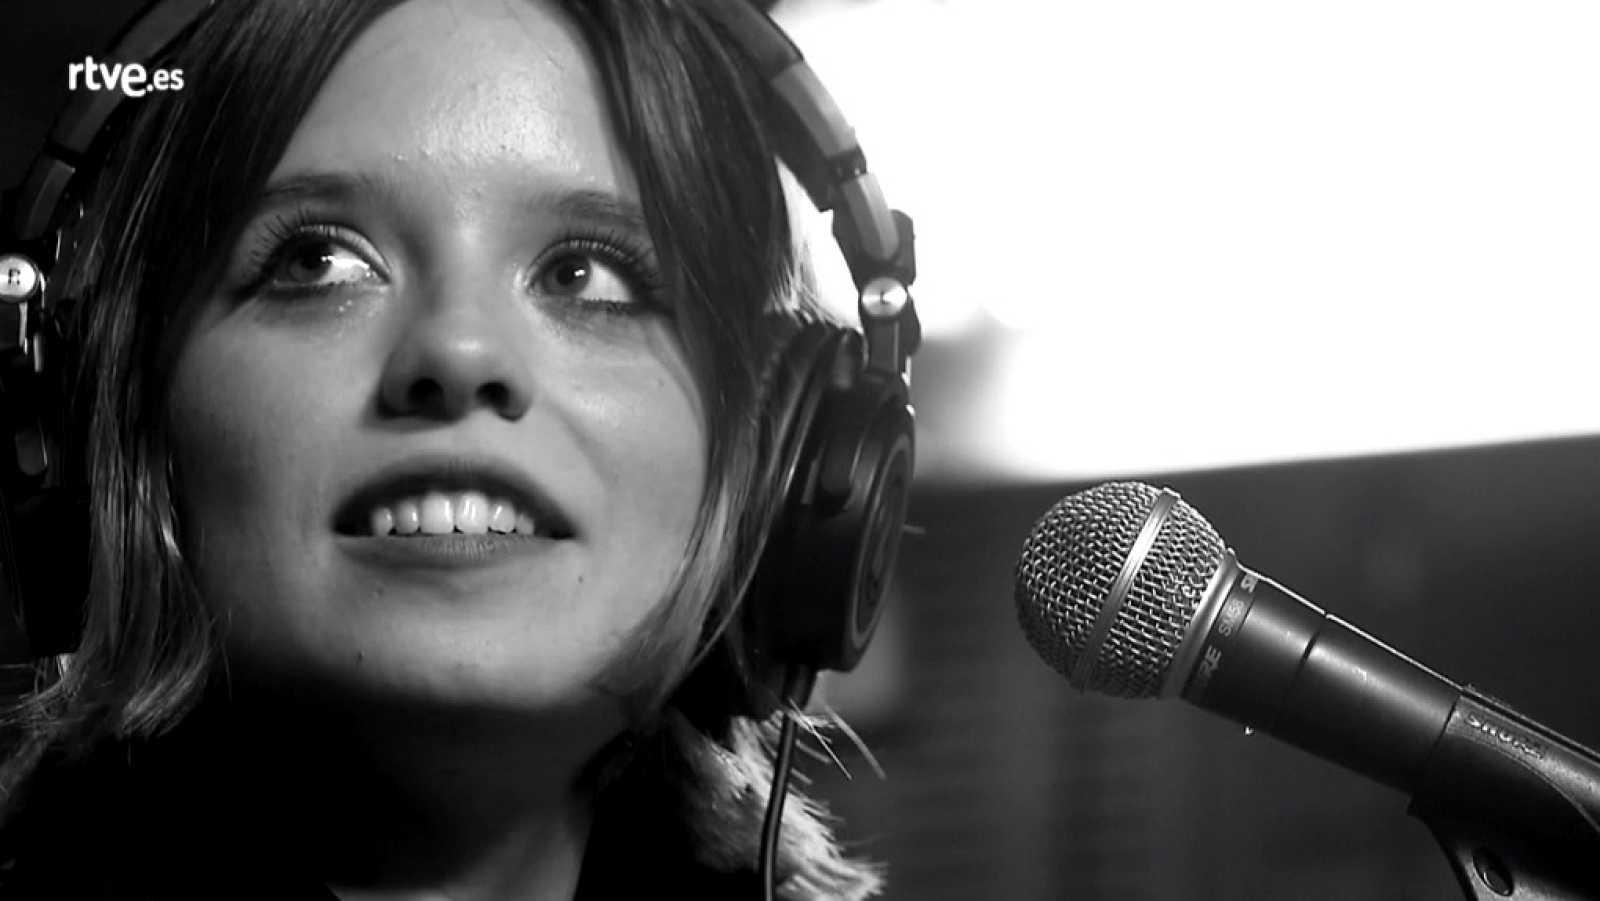 VÍDEO: Proyecto Demo - Blue Boredom - 'Togetherless' - 21/06/19 - ver ahora